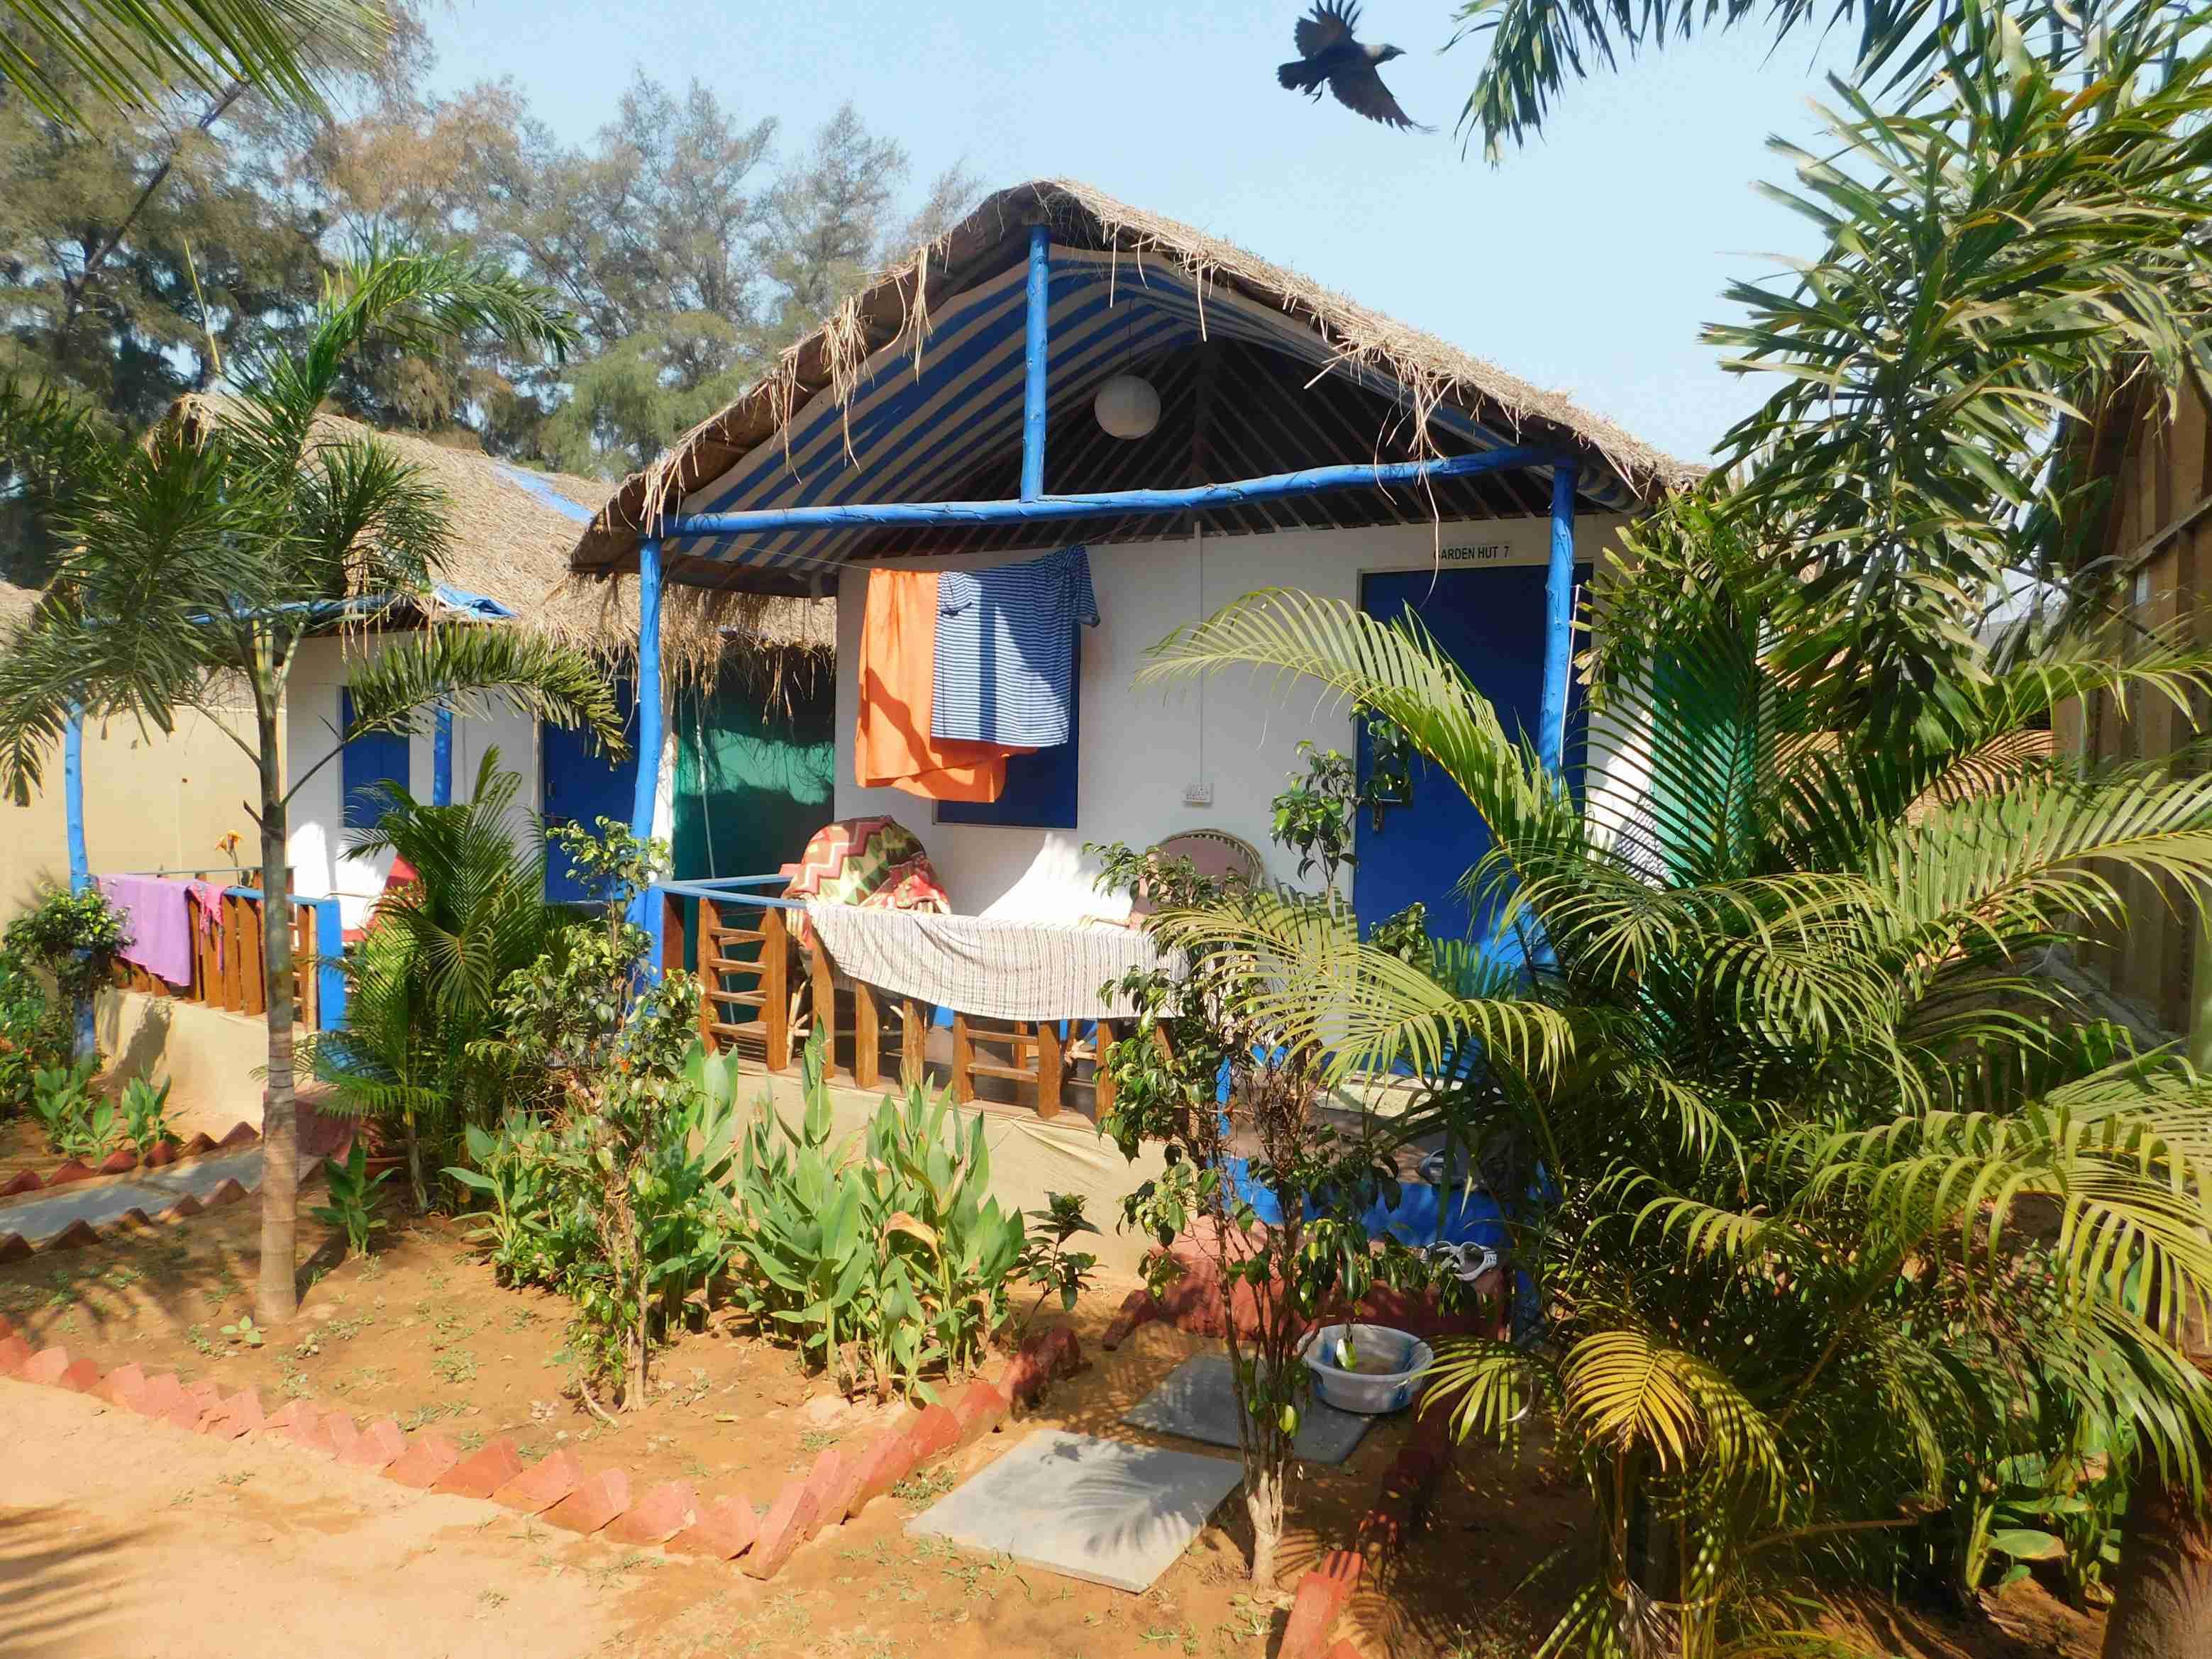 Plné kempování v jižní Indii